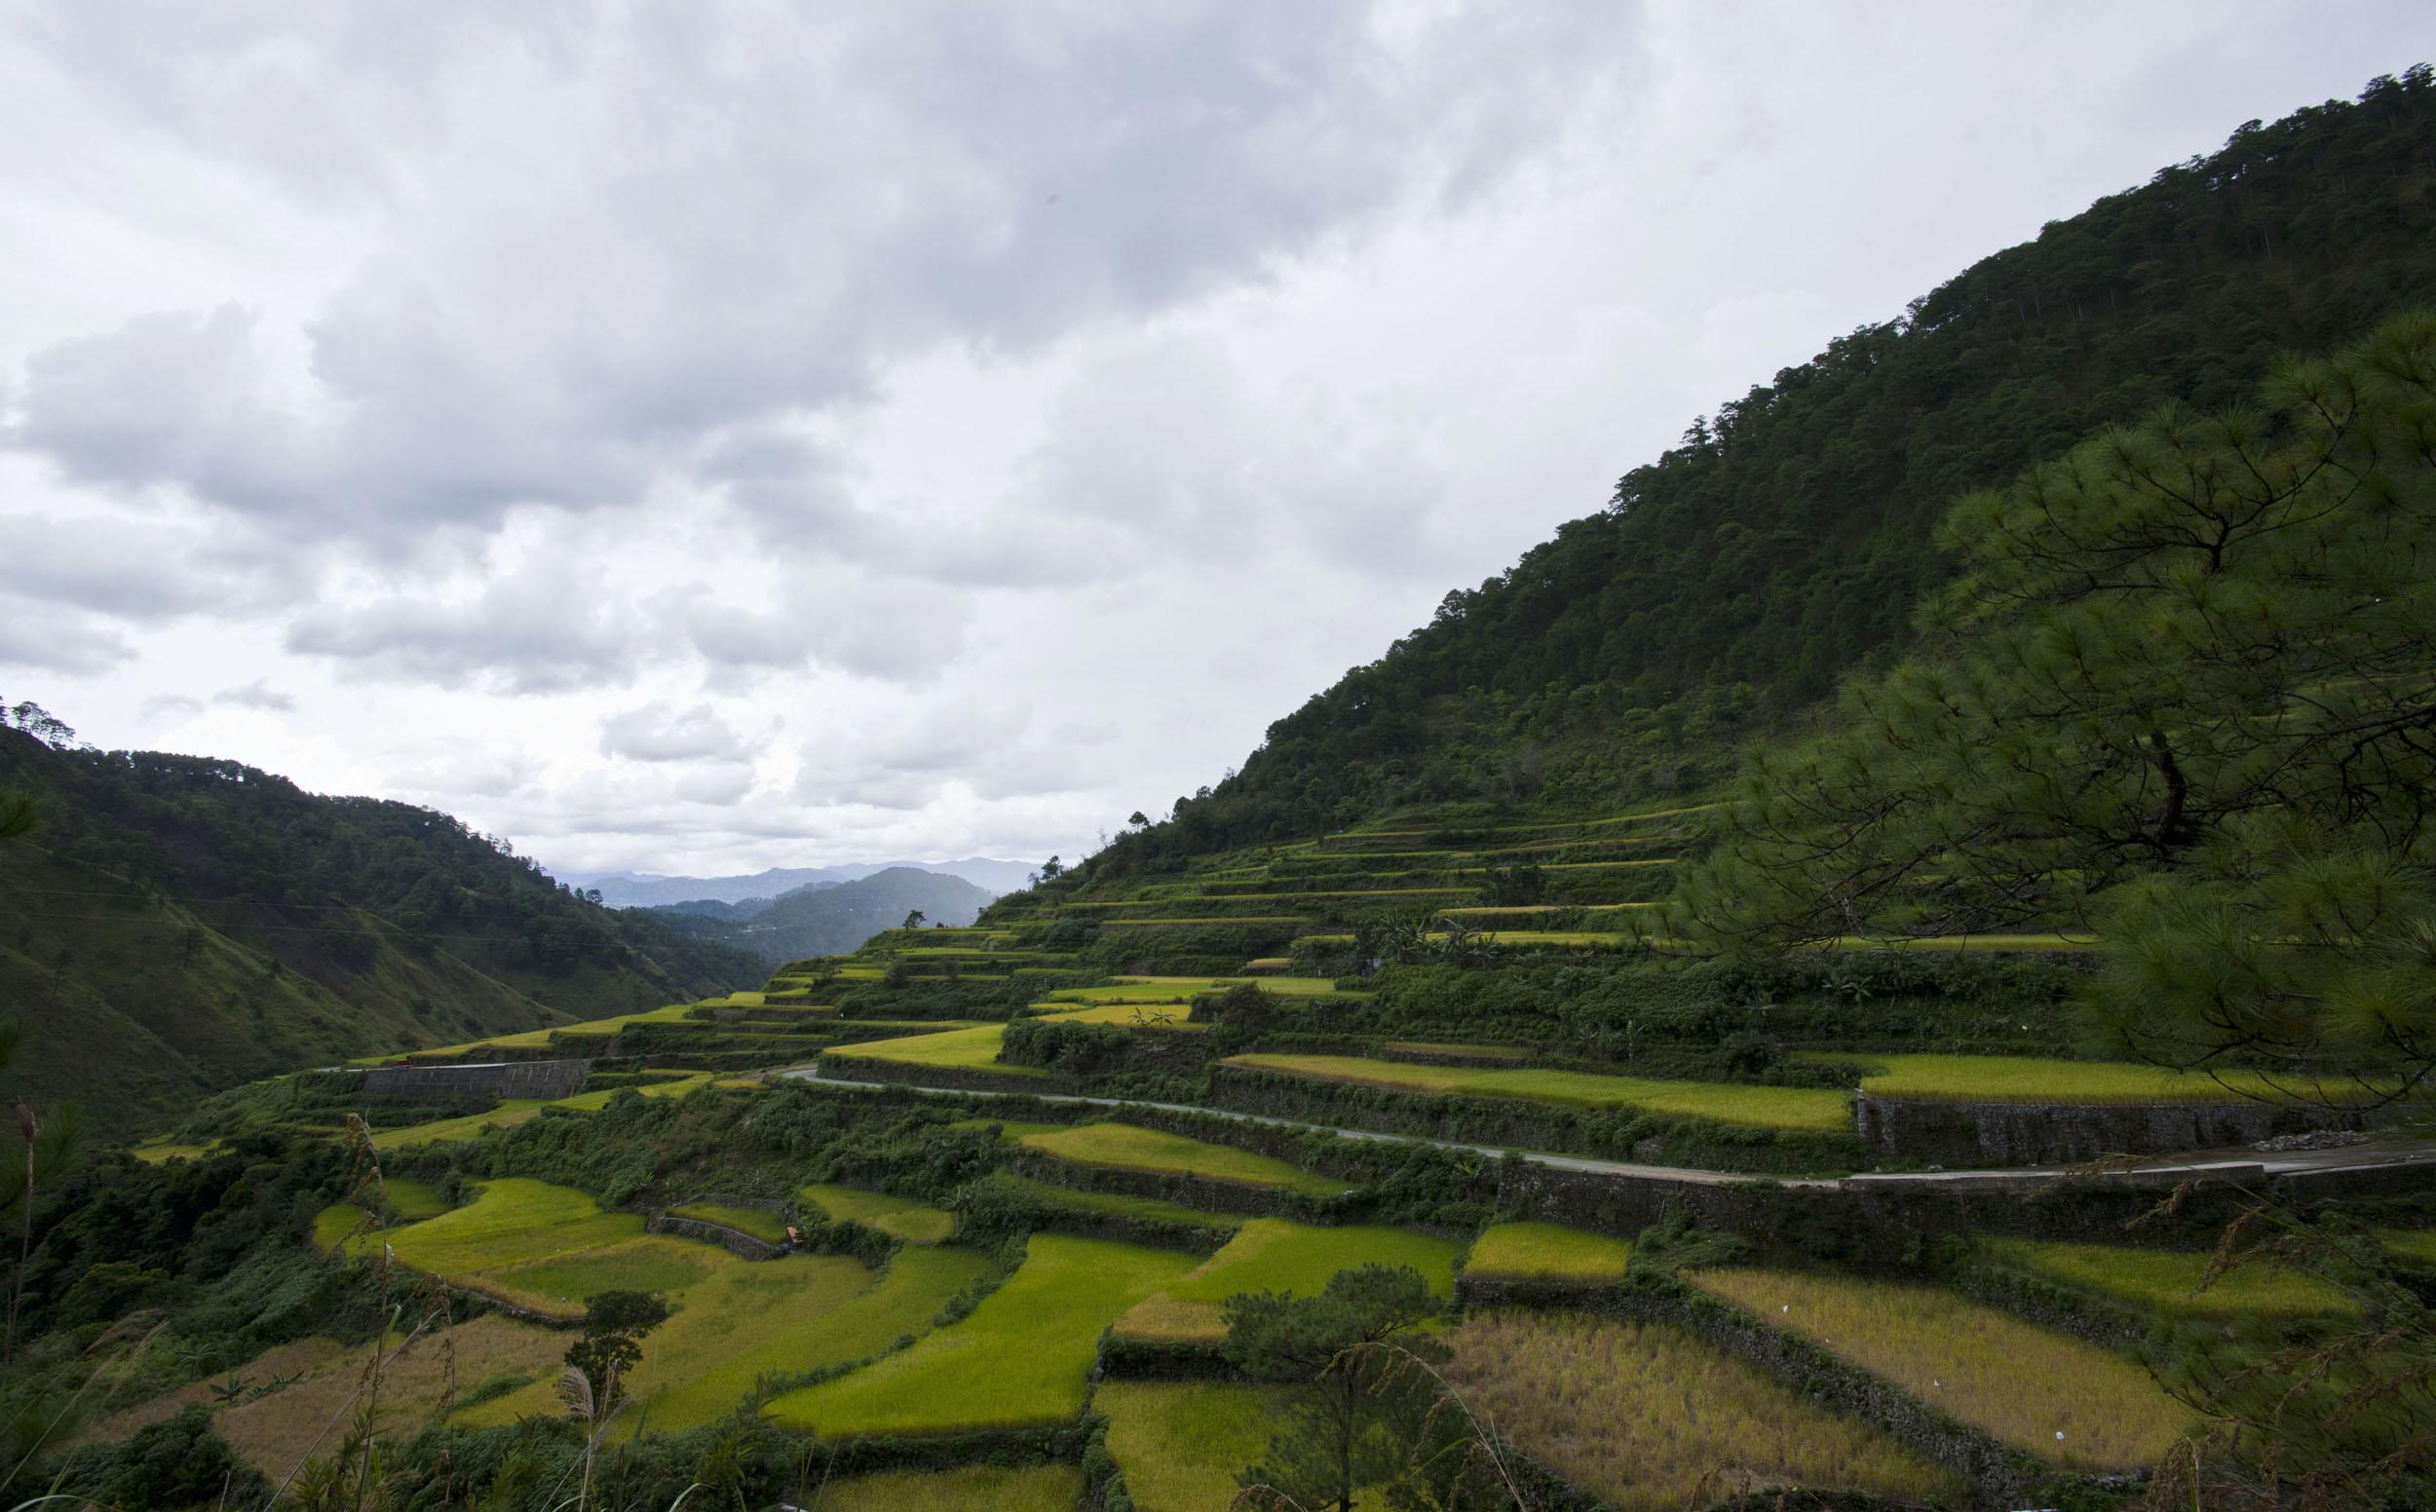 Panoramic views along the Kabayan Rd Halsema Highway from Baguio to Sagada Aug 2011 62